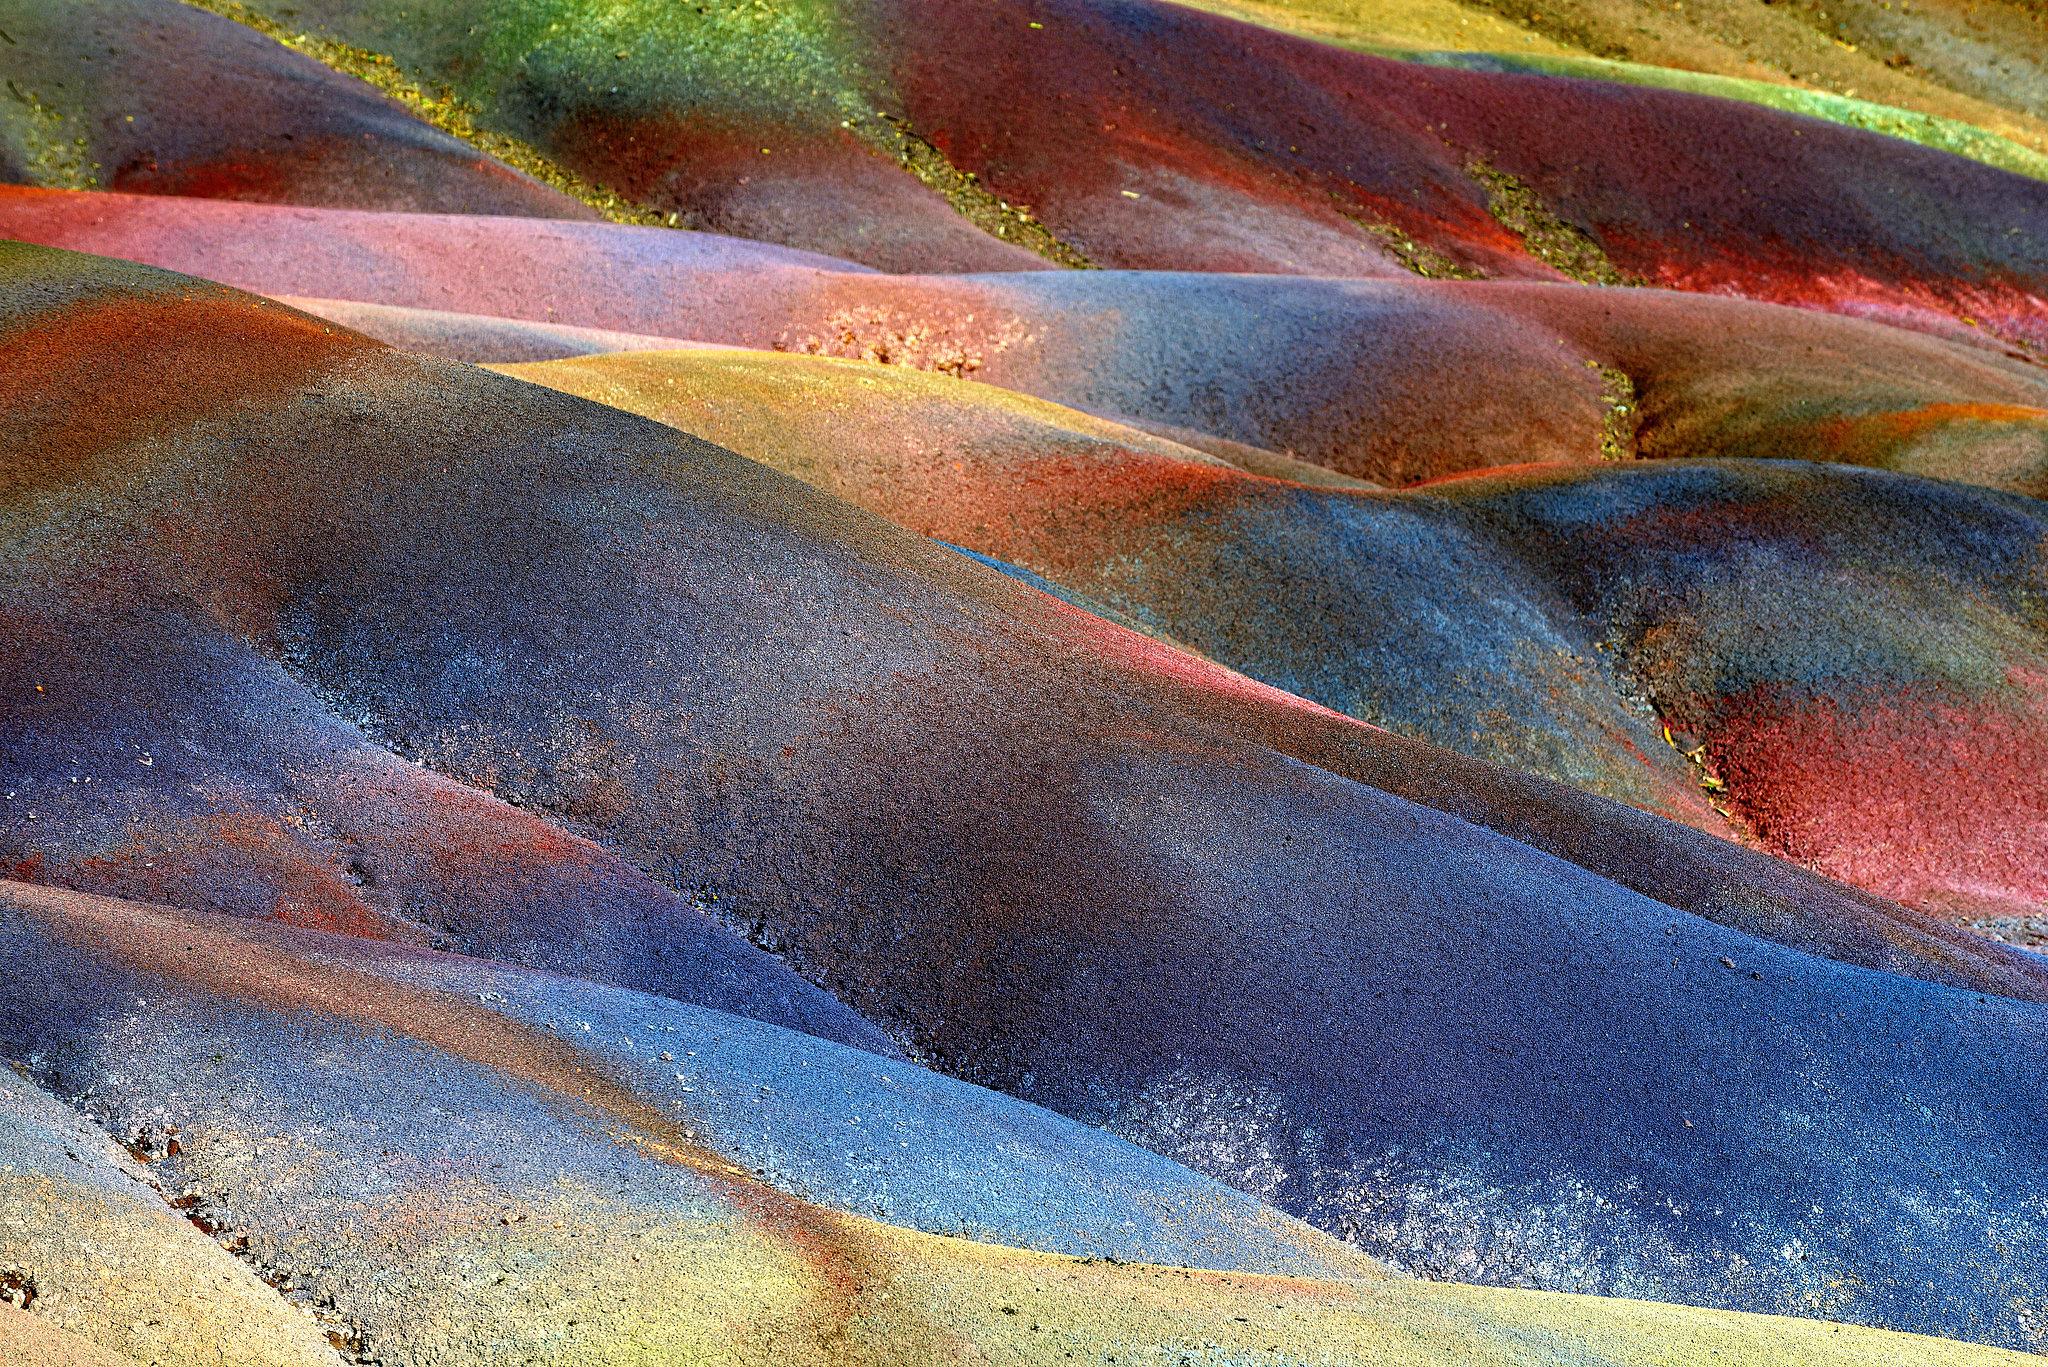 Seven-Colored-Earth-Chamarel-Mauritius